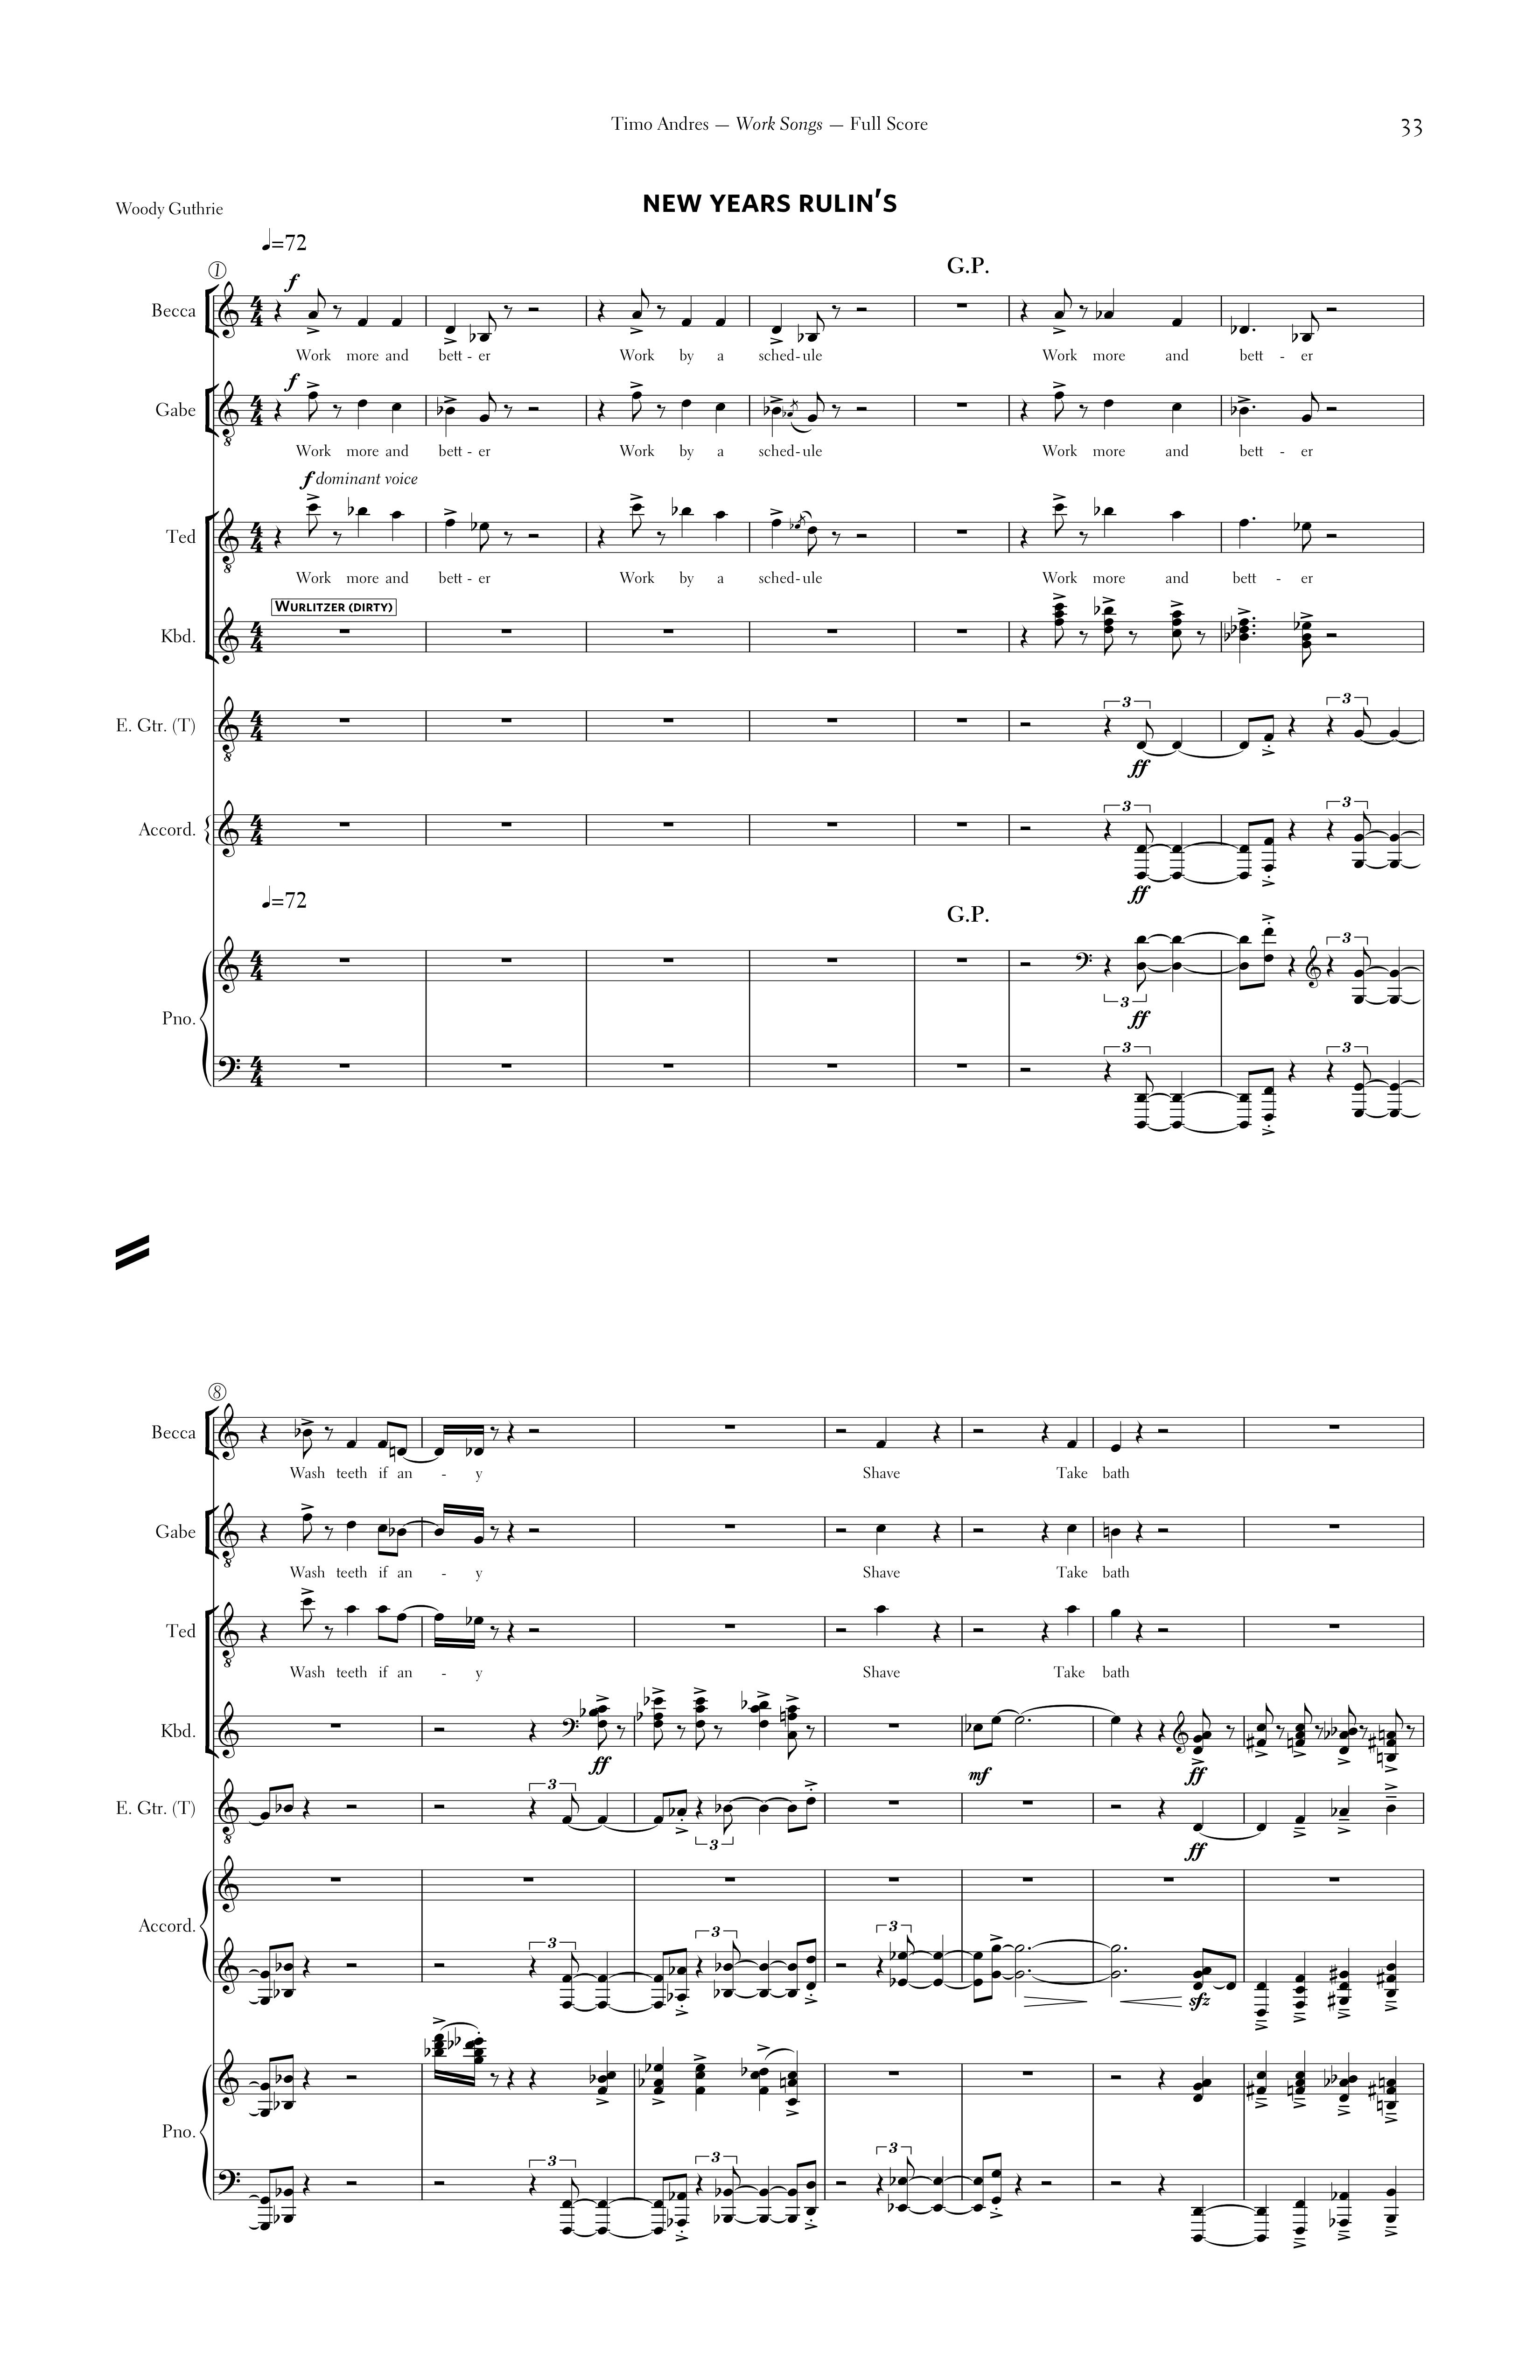 Work Songs, p. 3